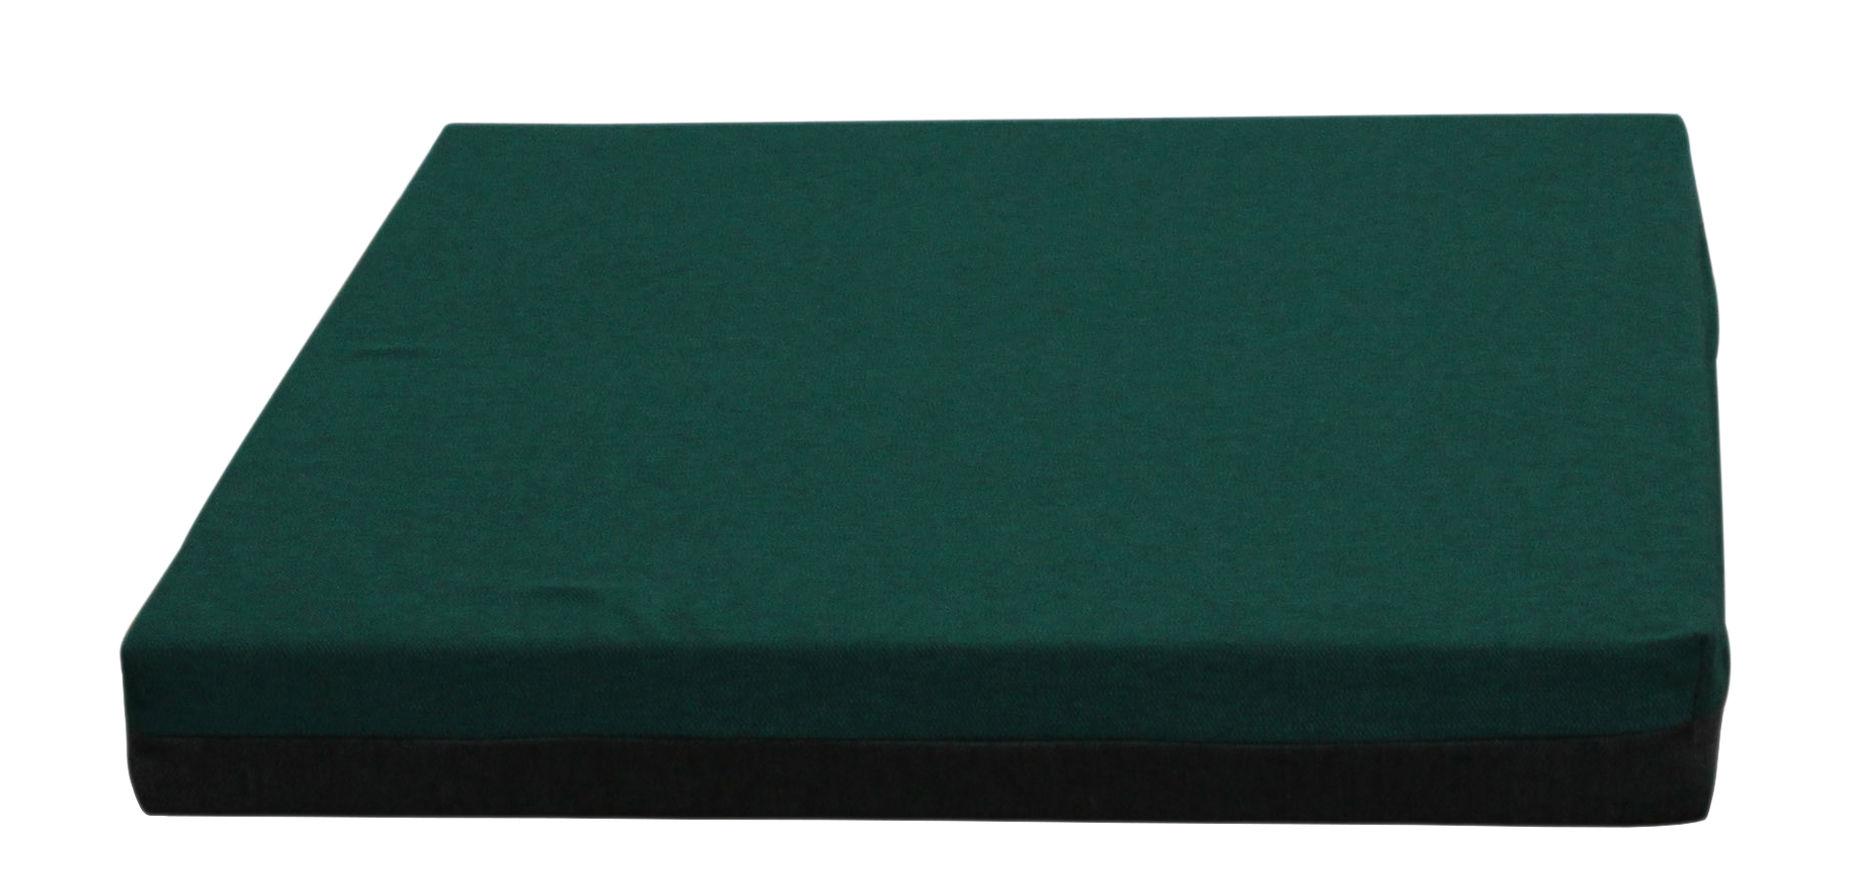 Mobilier - Compléments d'ameublement - Matelas Connect / Small - Avec aimants - Trimm Copenhagen - Vert foncé / Gris - Mousse, Tissu Acrisol Twitell